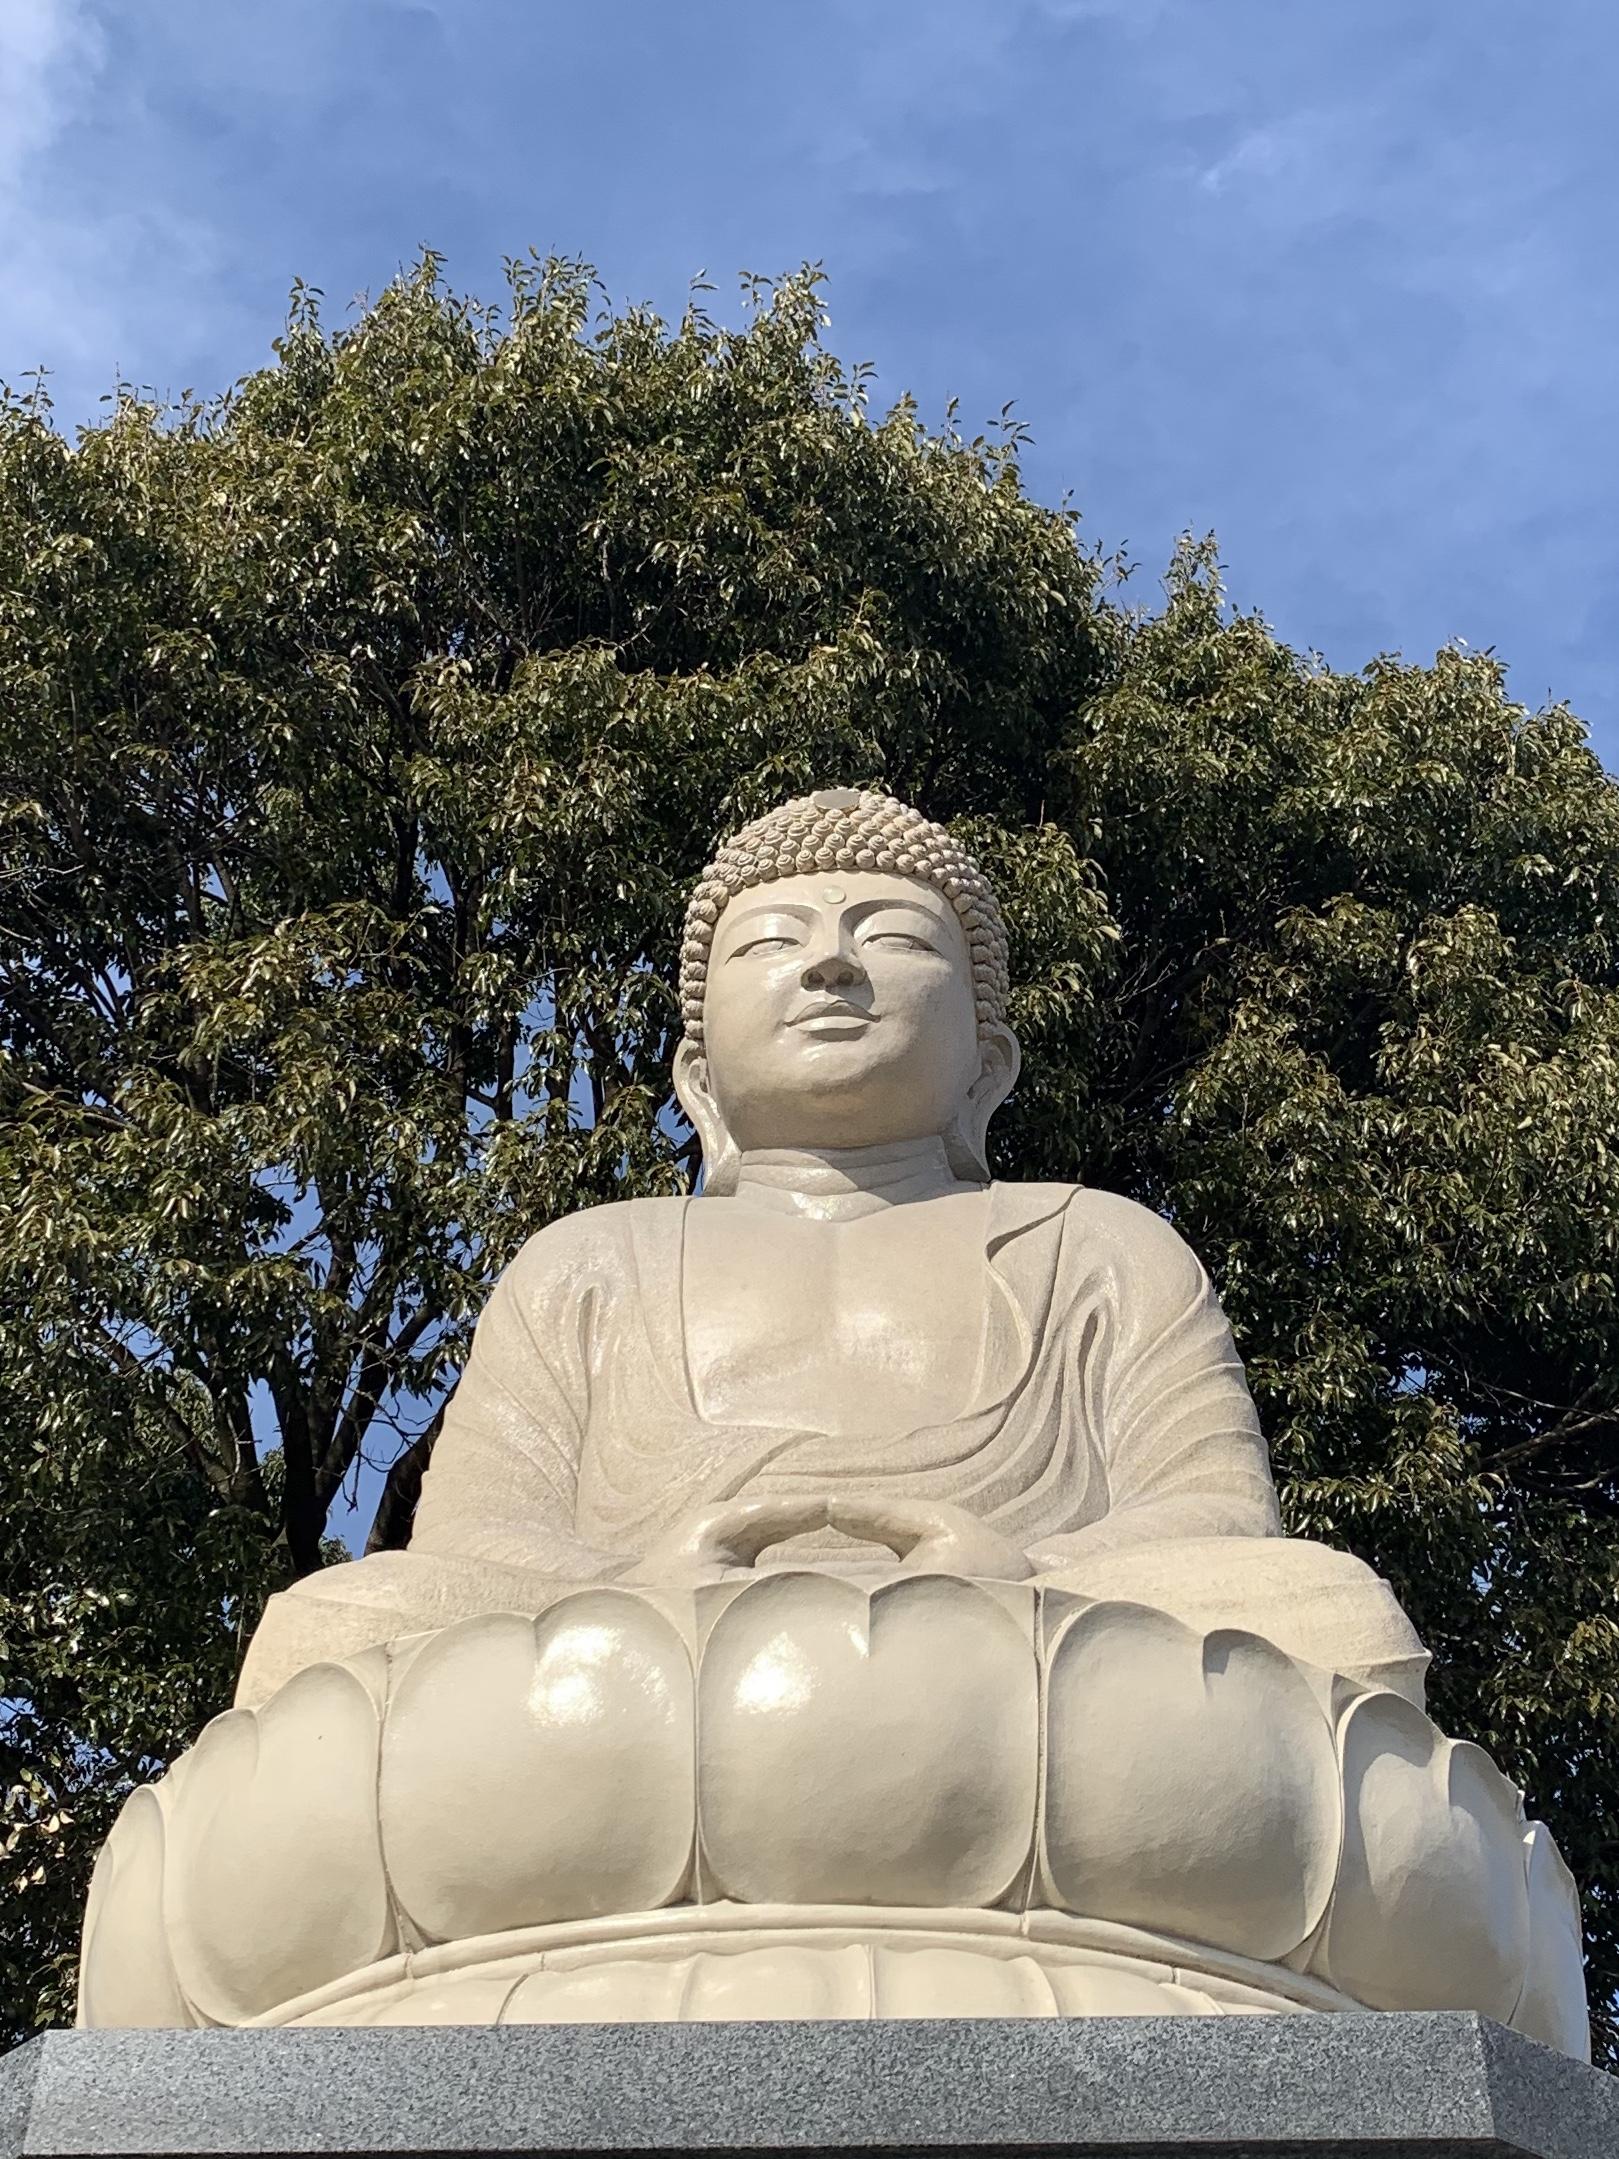 益子大仏(大日如来)益子町・観音寺